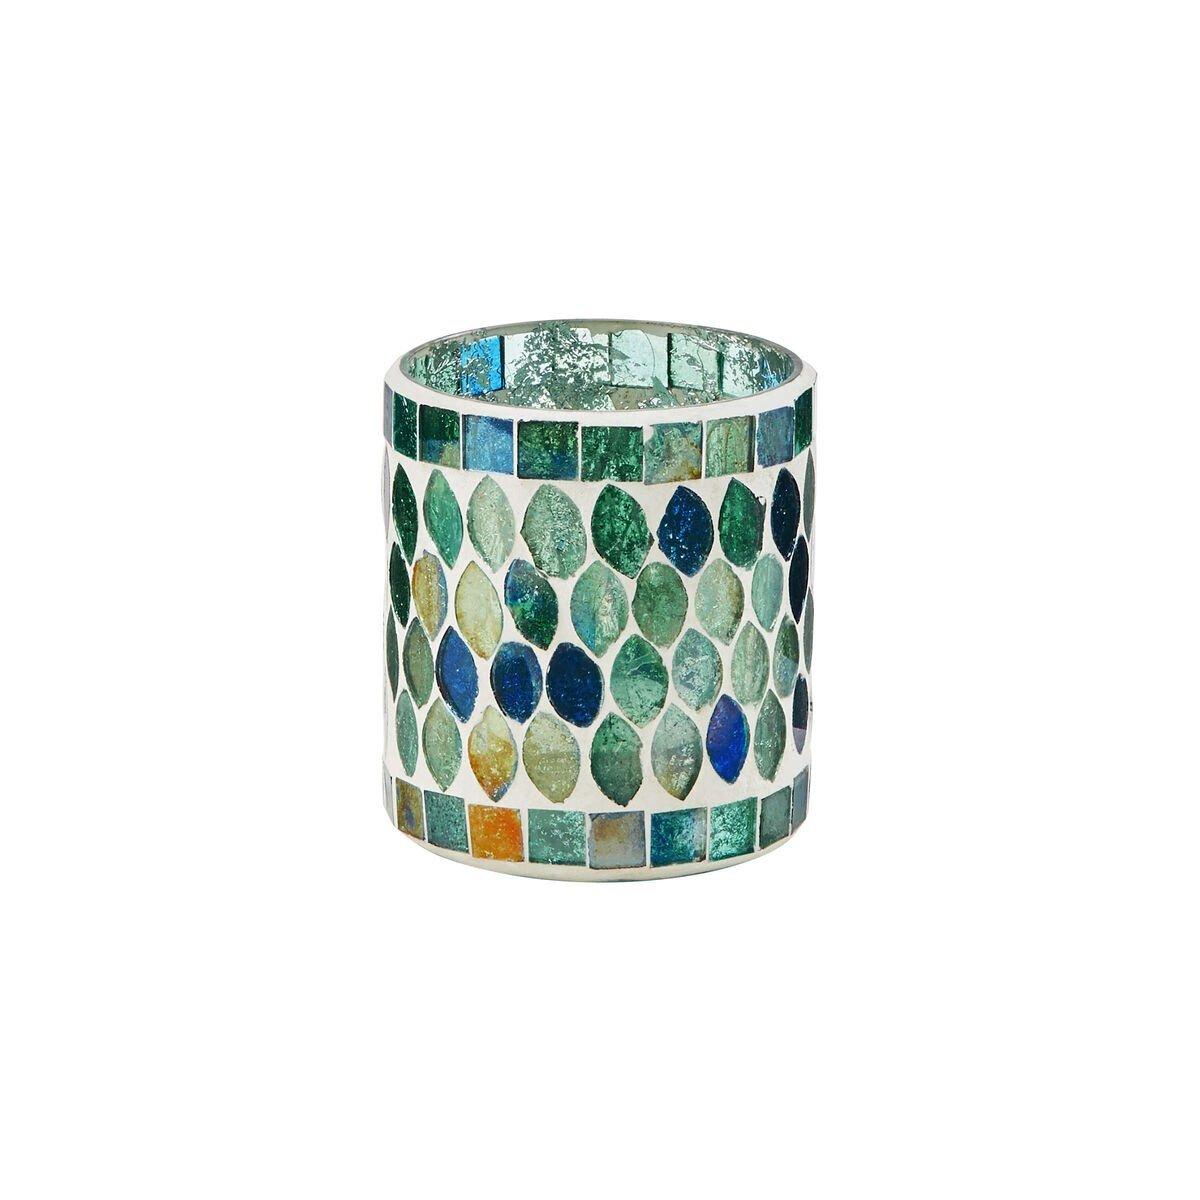 Bild 1 von SASSOLINO Mosaik Windlicht 8 cm